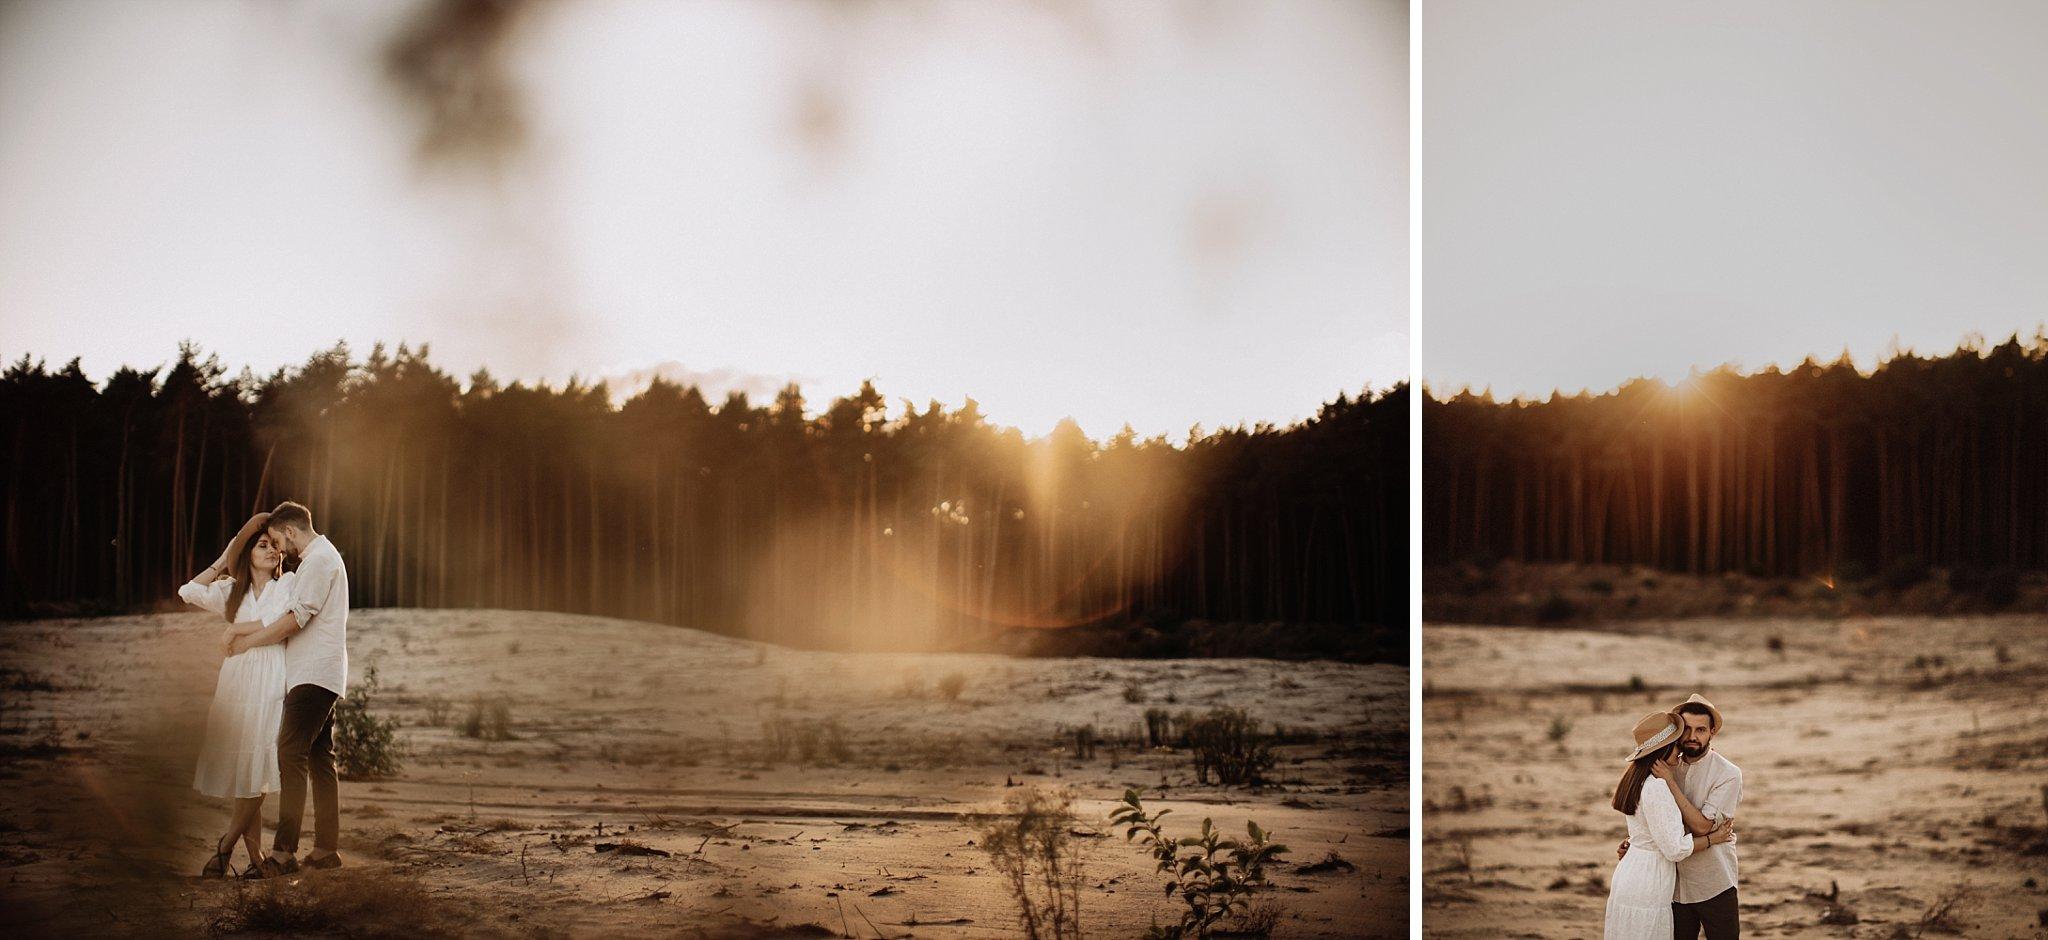 piekna sesja narzeczenska rustykalna romantyczna sesja na pustyni sesja zdjeciowa poznan krugphotography fotograf slubny z poznania fotografia slubna poznan 9500